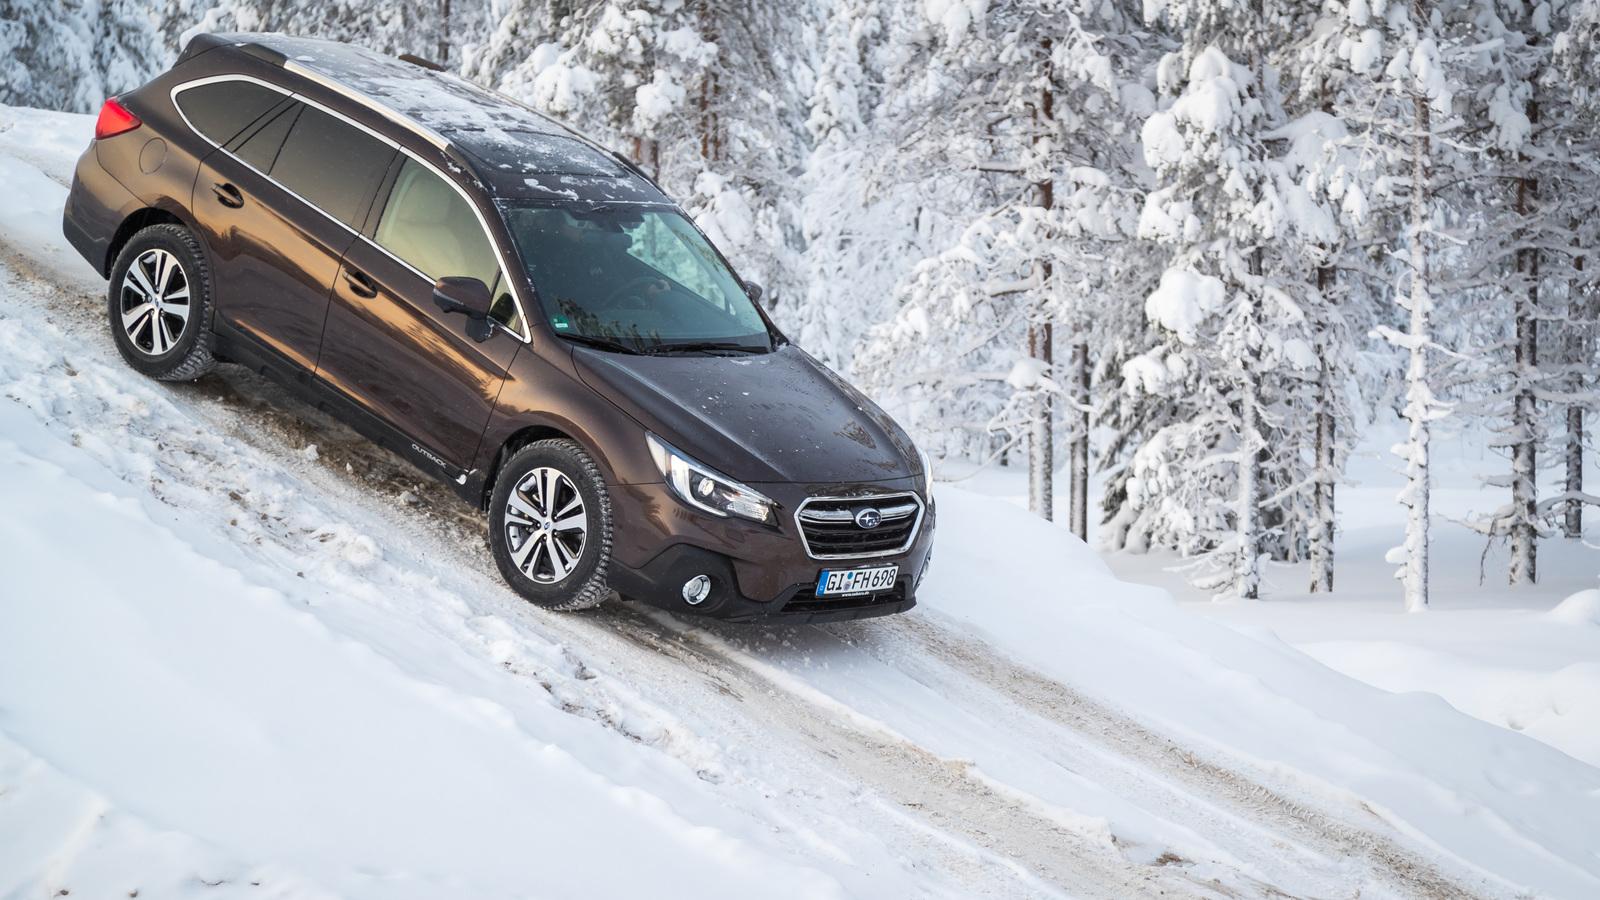 Тест-драйв Subaru Outback 2018: главные факты о крепком японском кросс-вагоне